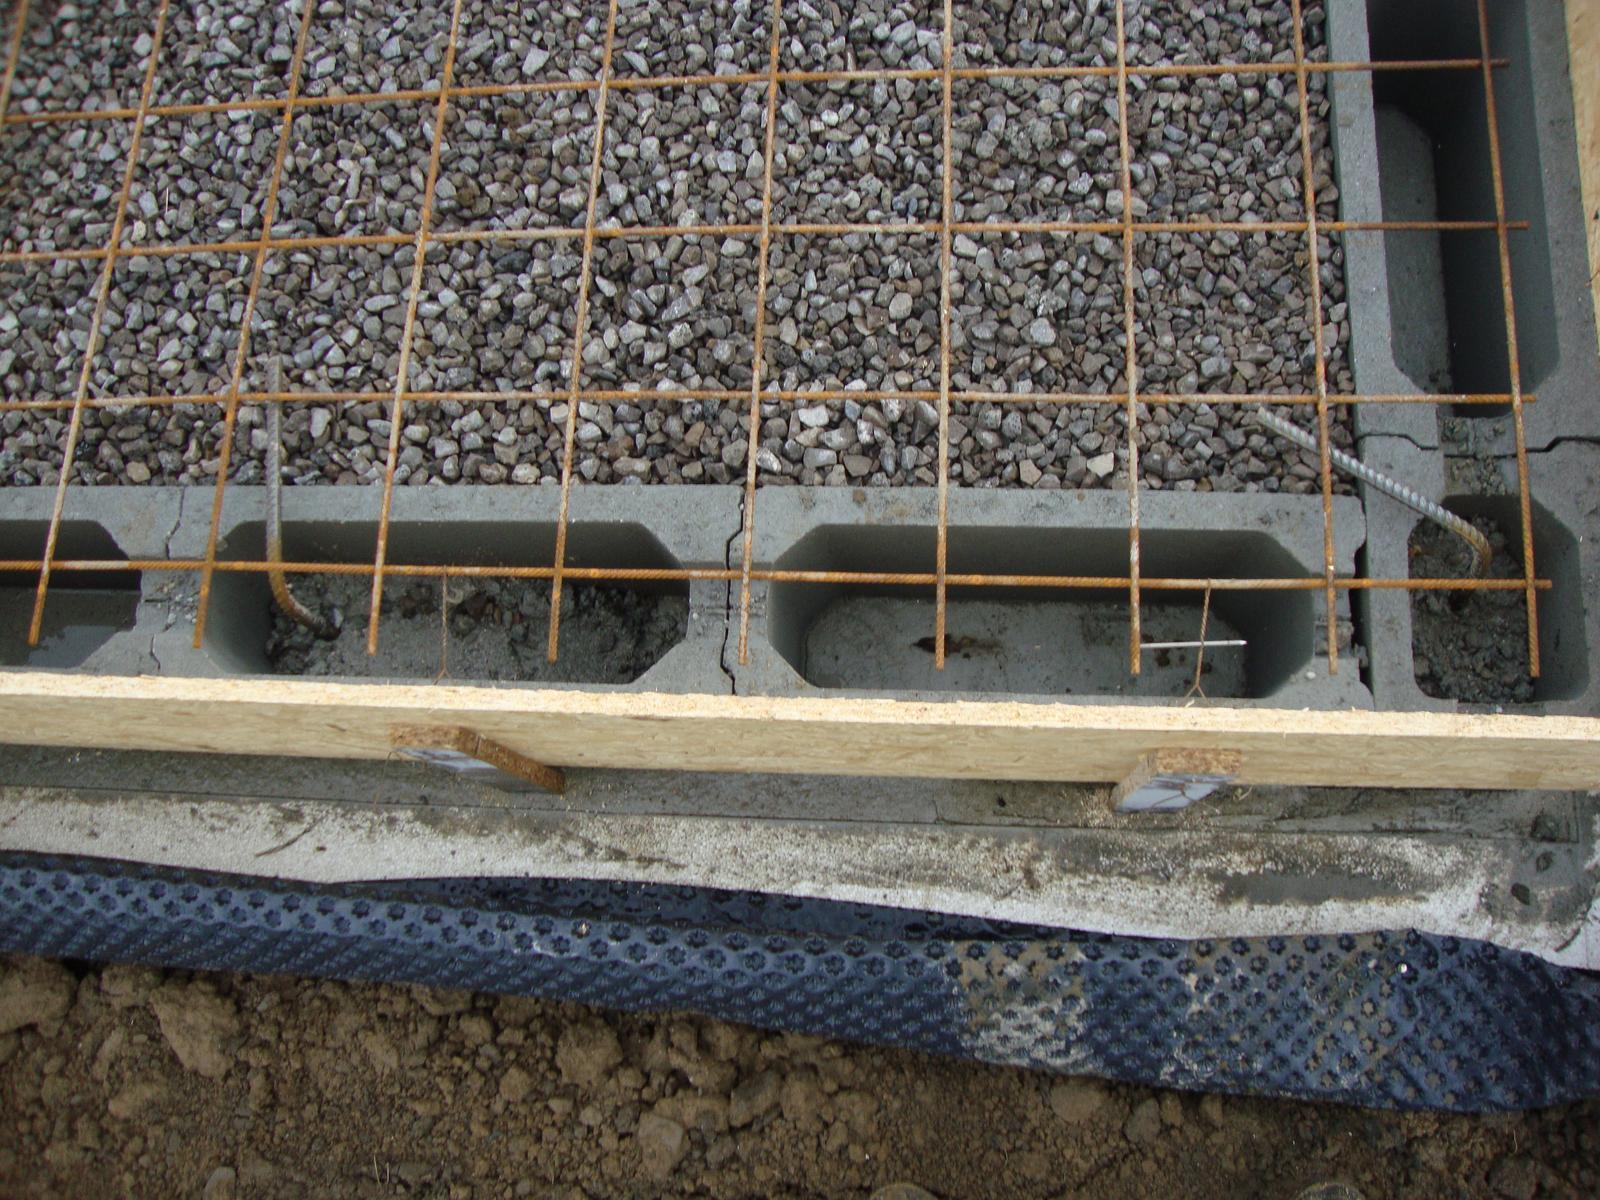 Efektivní bydlení - dvě dírky drátek za kari sít párkrát zatočit hřebíkem a bednění uchycené